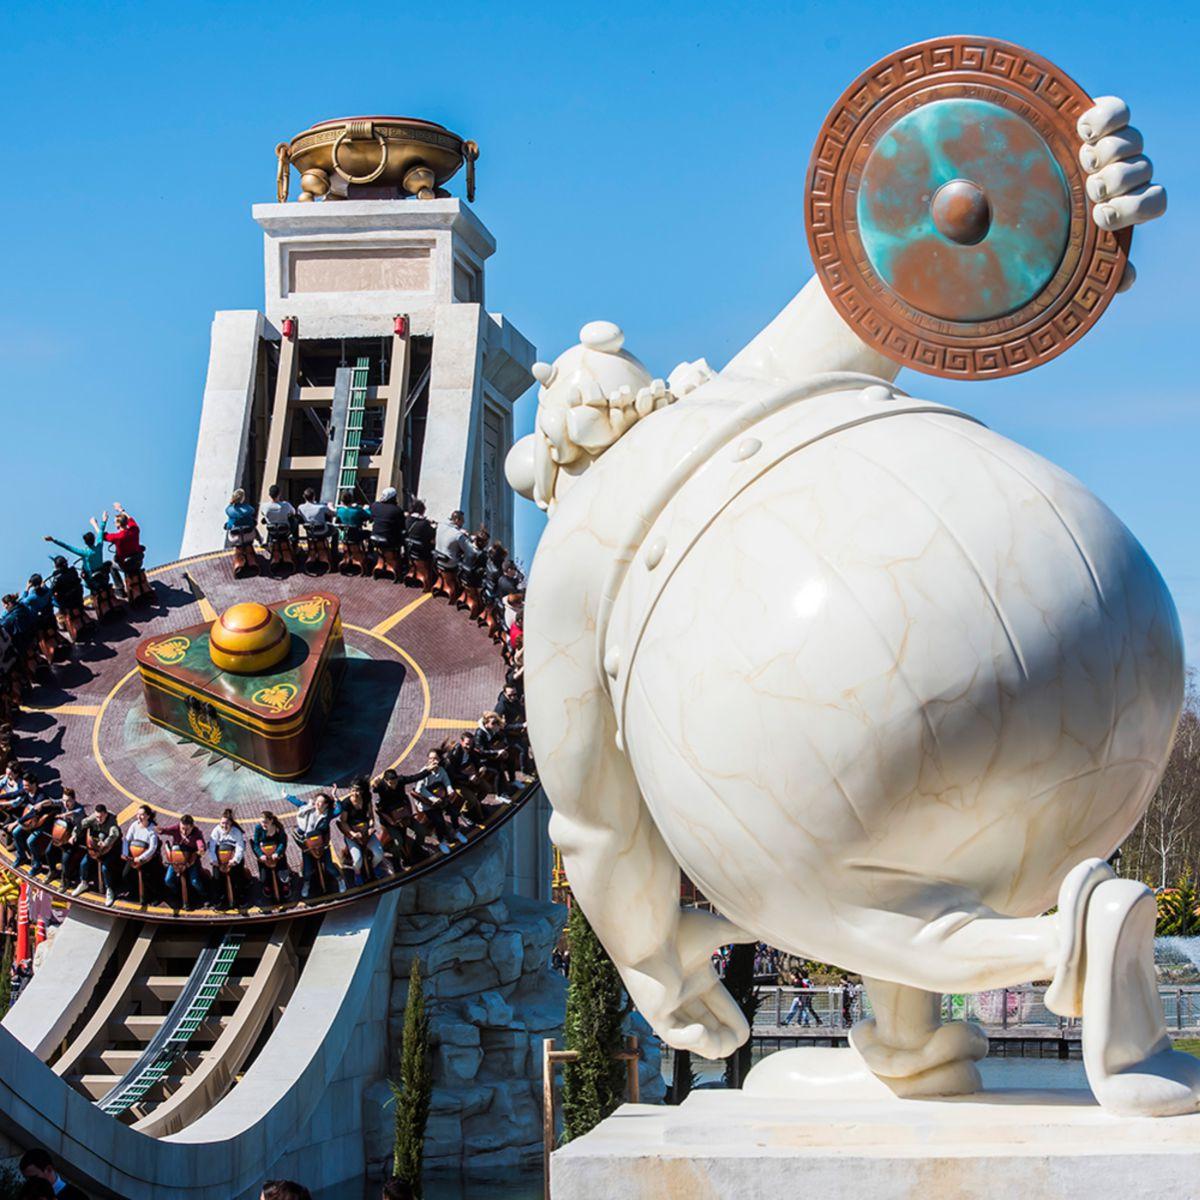 Une virée dans un parc d'attractions : bonne ou mauvaise idée?